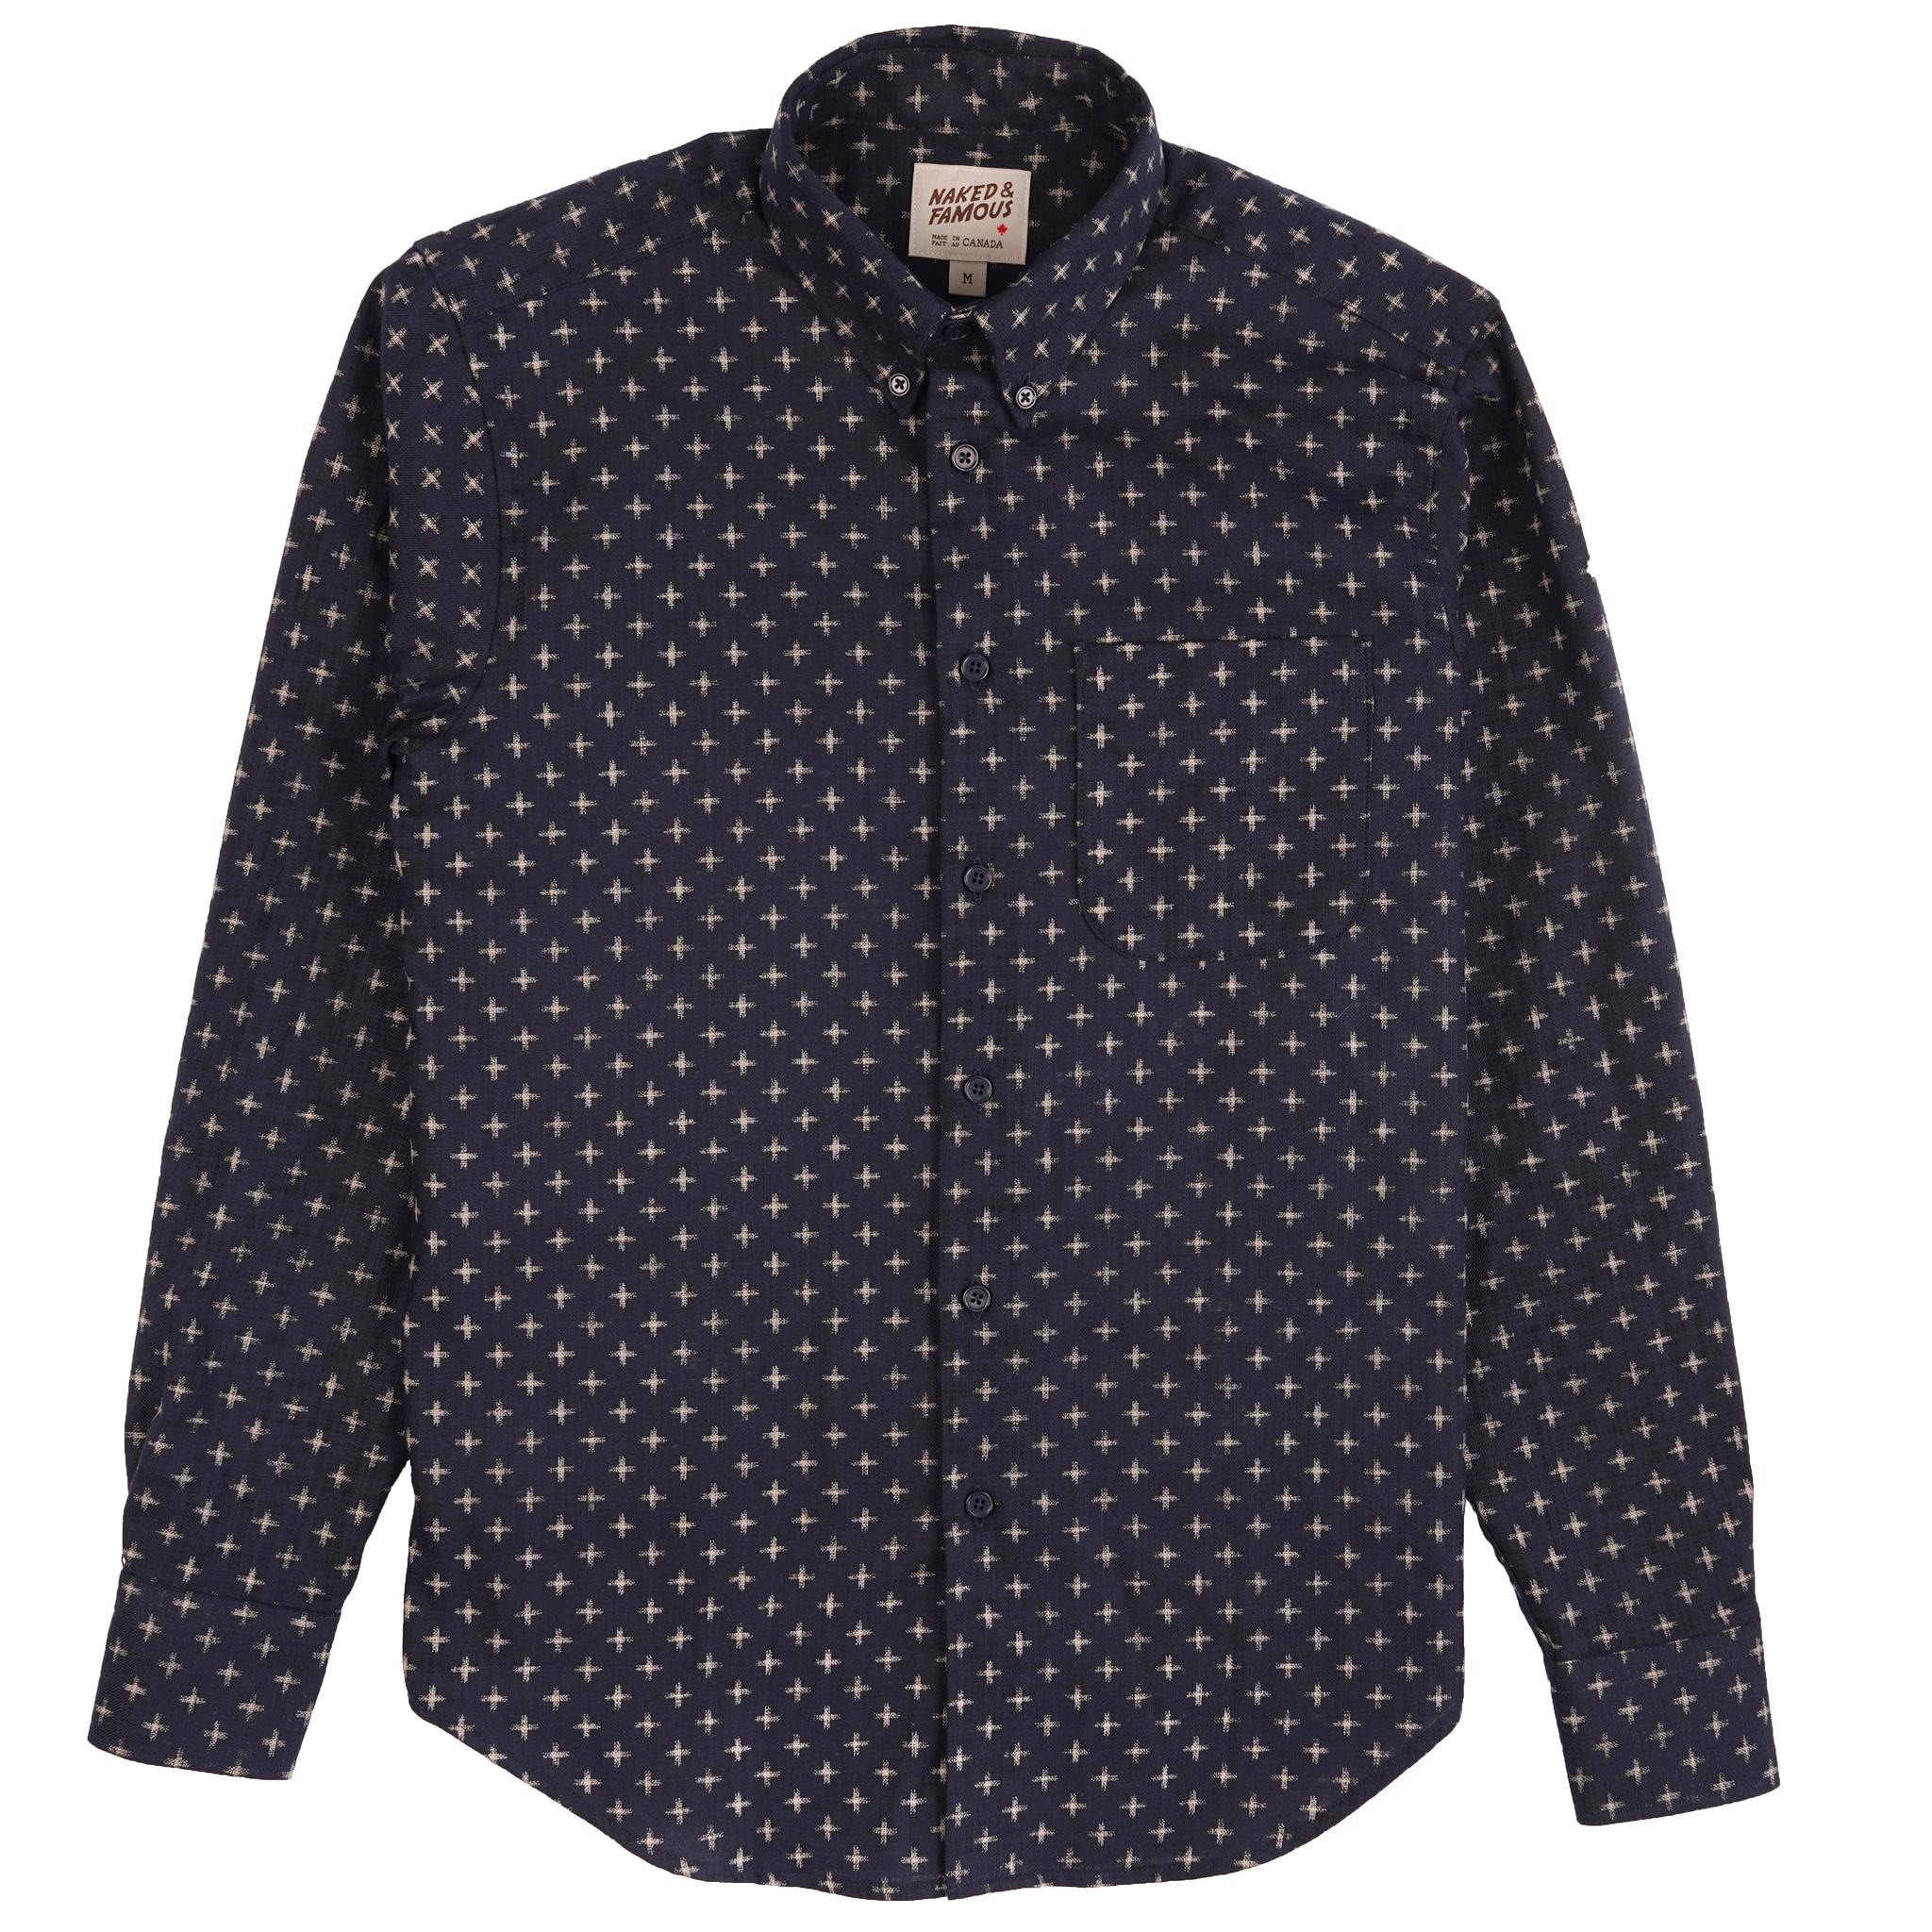 Kimono Plus Print - Easy Shirt